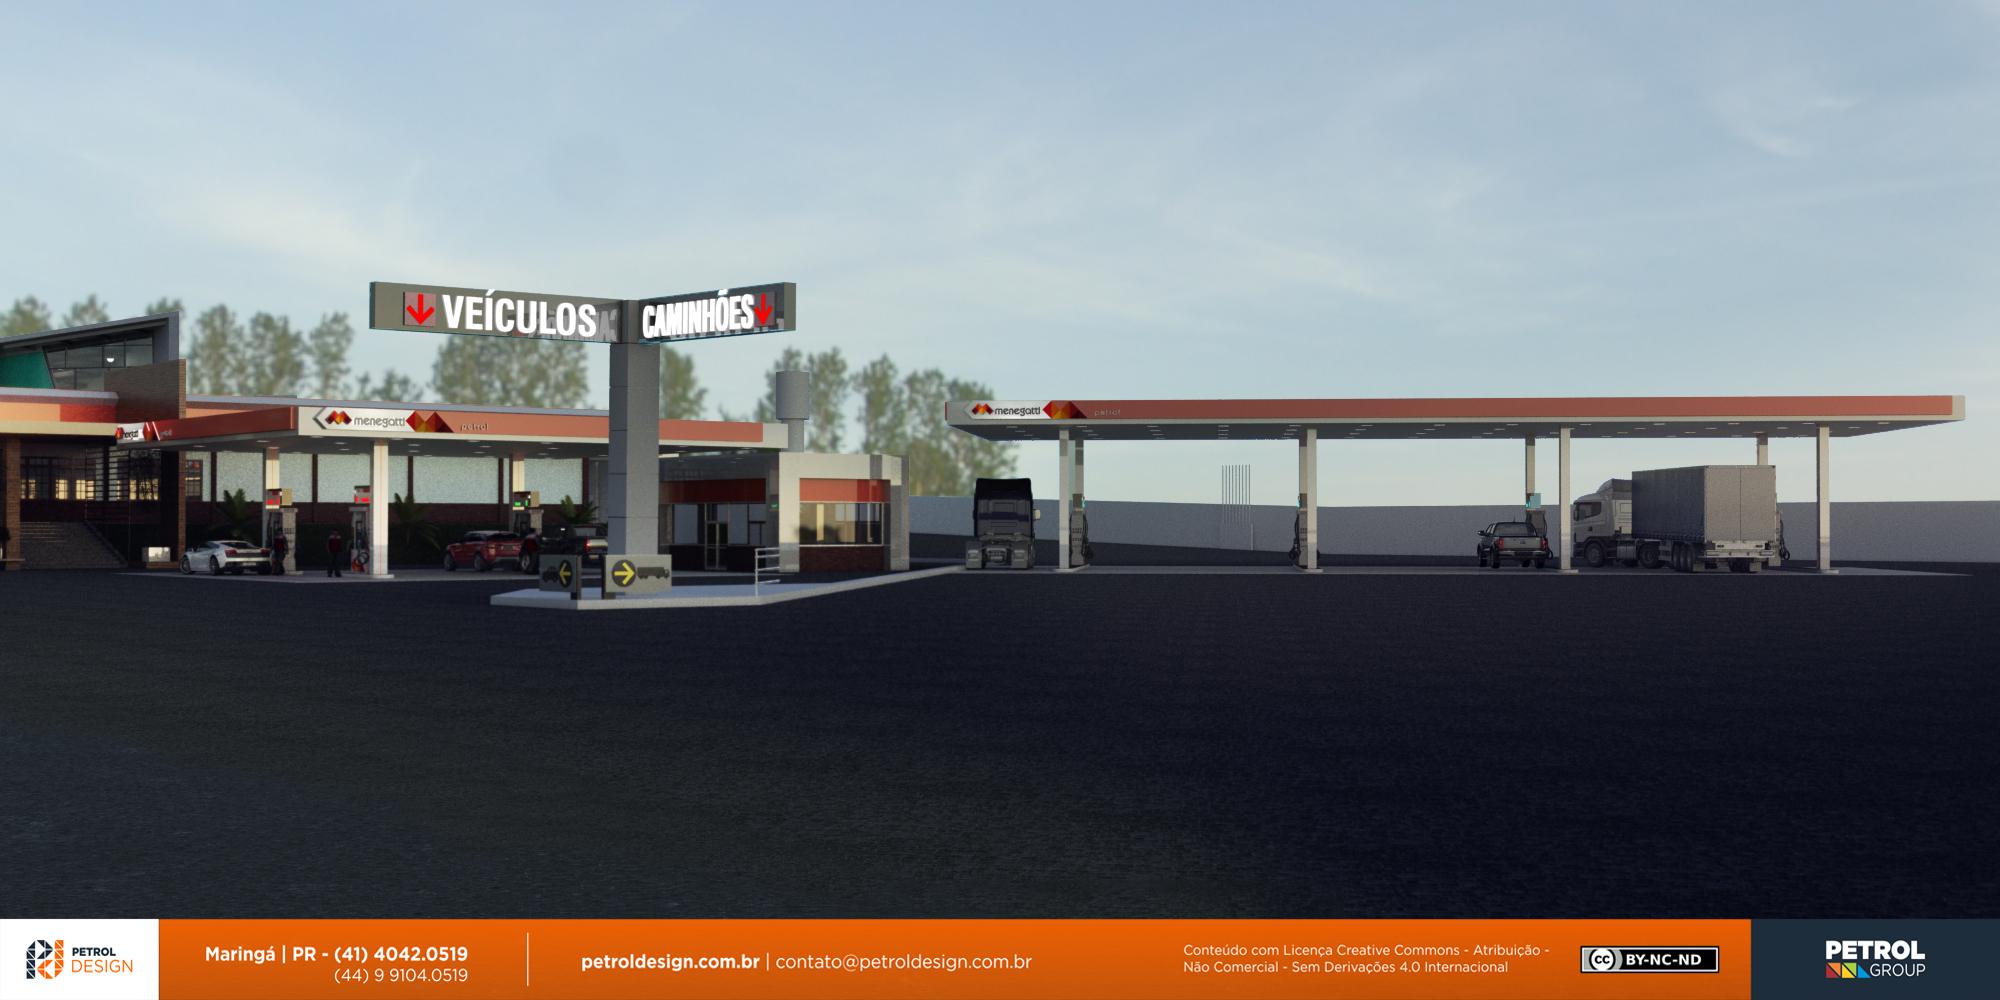 renovar aidentidade visual posto de gasolina Valparaíso de Goiás GO